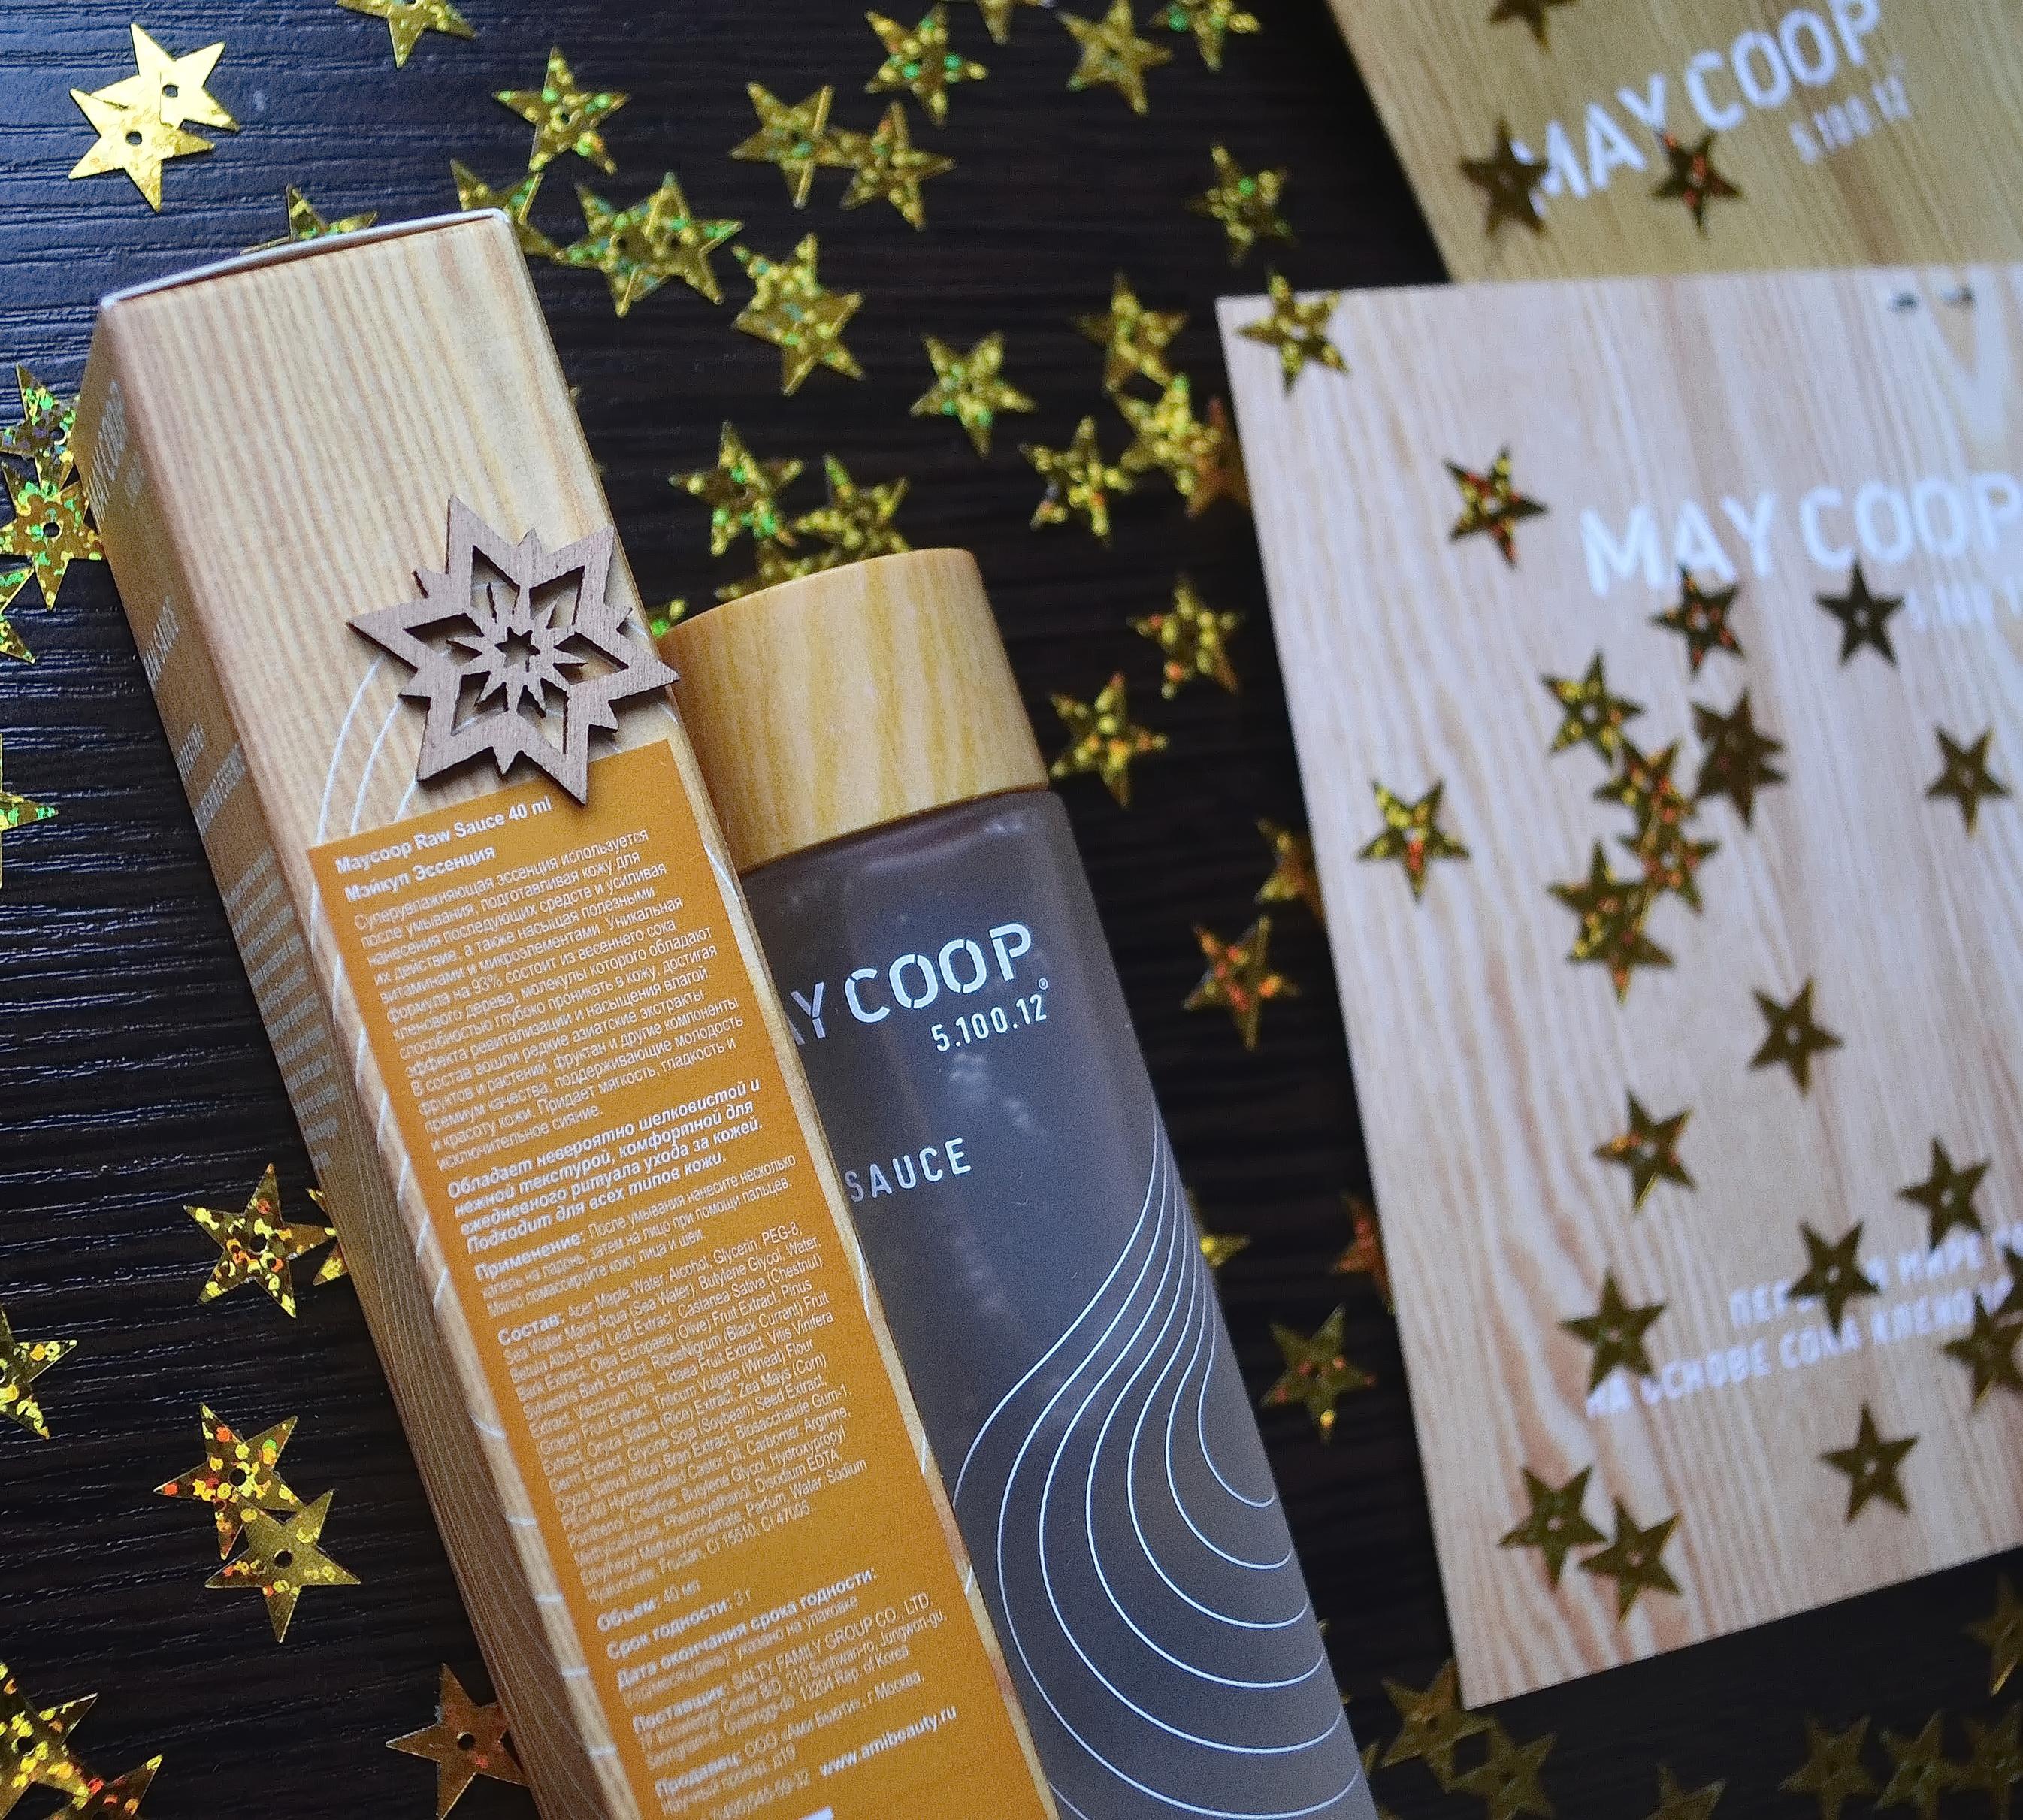 MAY COOP Эссенция с шелковистой текстурой для ежедневного ритуала ухода за кожей. Корейская косметика AMI shop